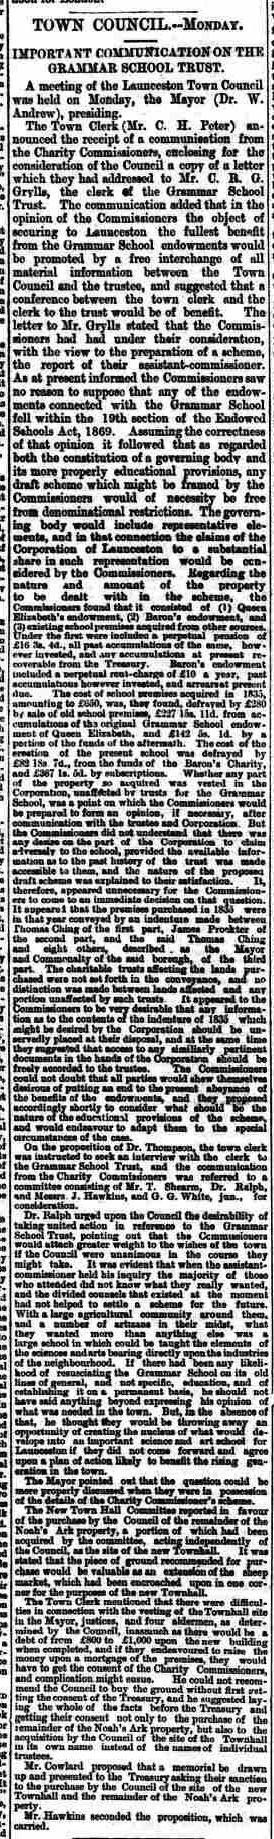 30 October 1886